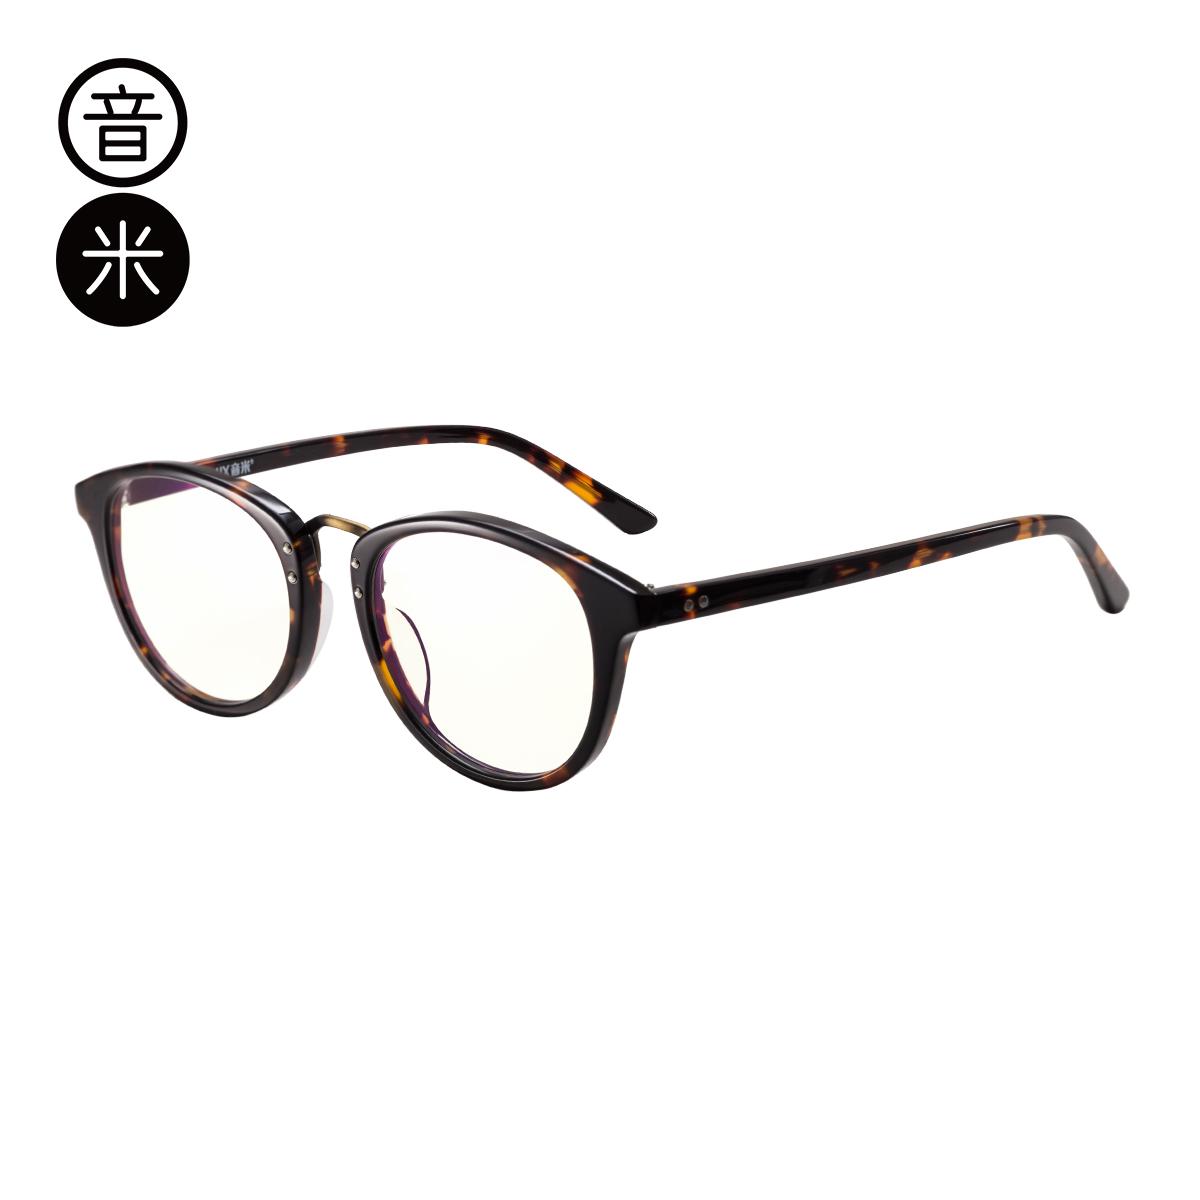 INMIX音米新款全框复古防蓝光眼镜架女款圆脸 潮男近视圆形眼镜框